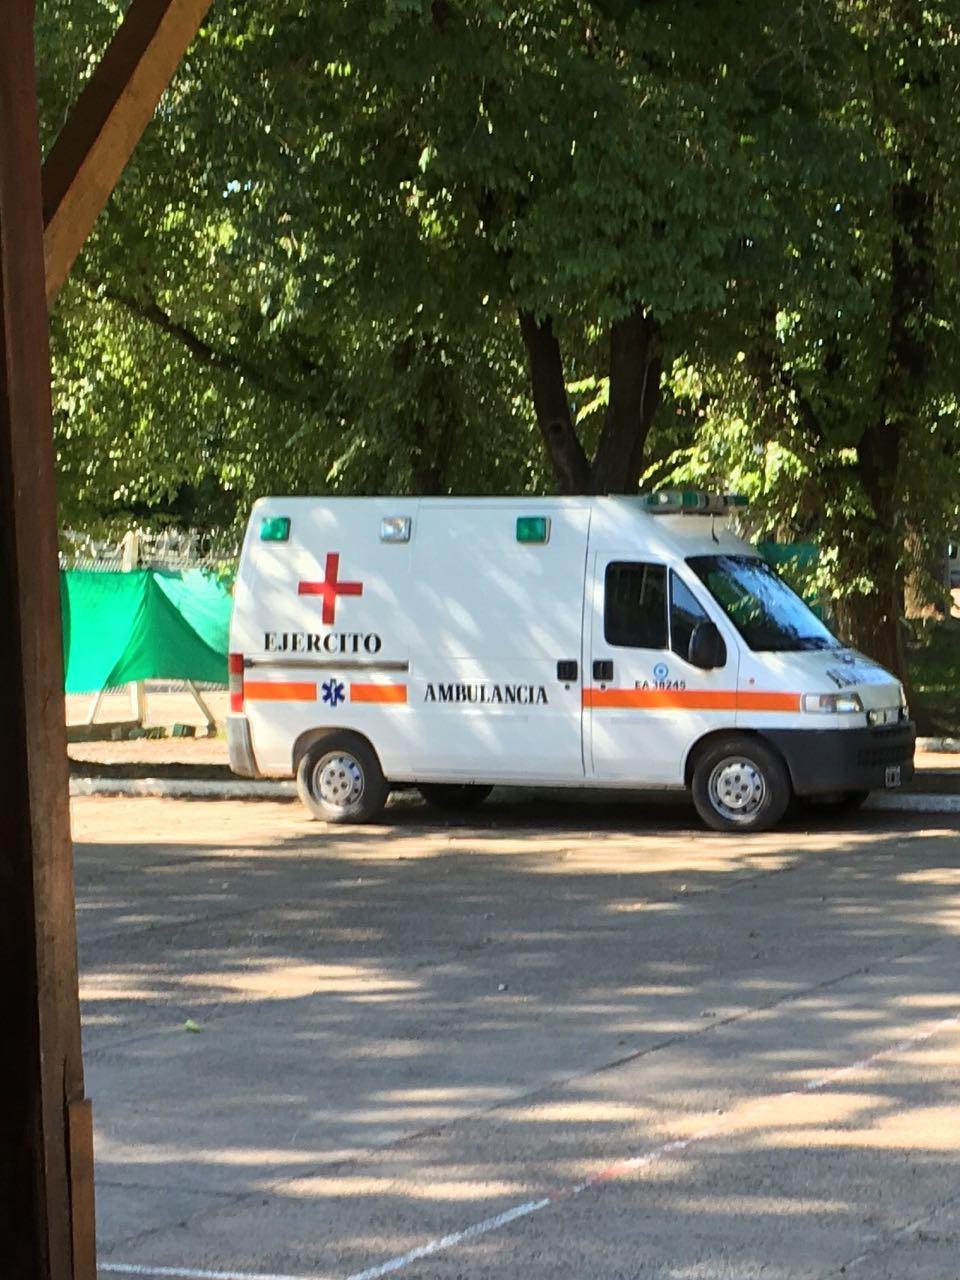 La Fiscalía puntualizó que la ambulancia para atender a detenidos a disposición del Servicio Penitenciario Federal es del Ejército. - Foto: Procuraduría de Crímenes contra la Humanidad